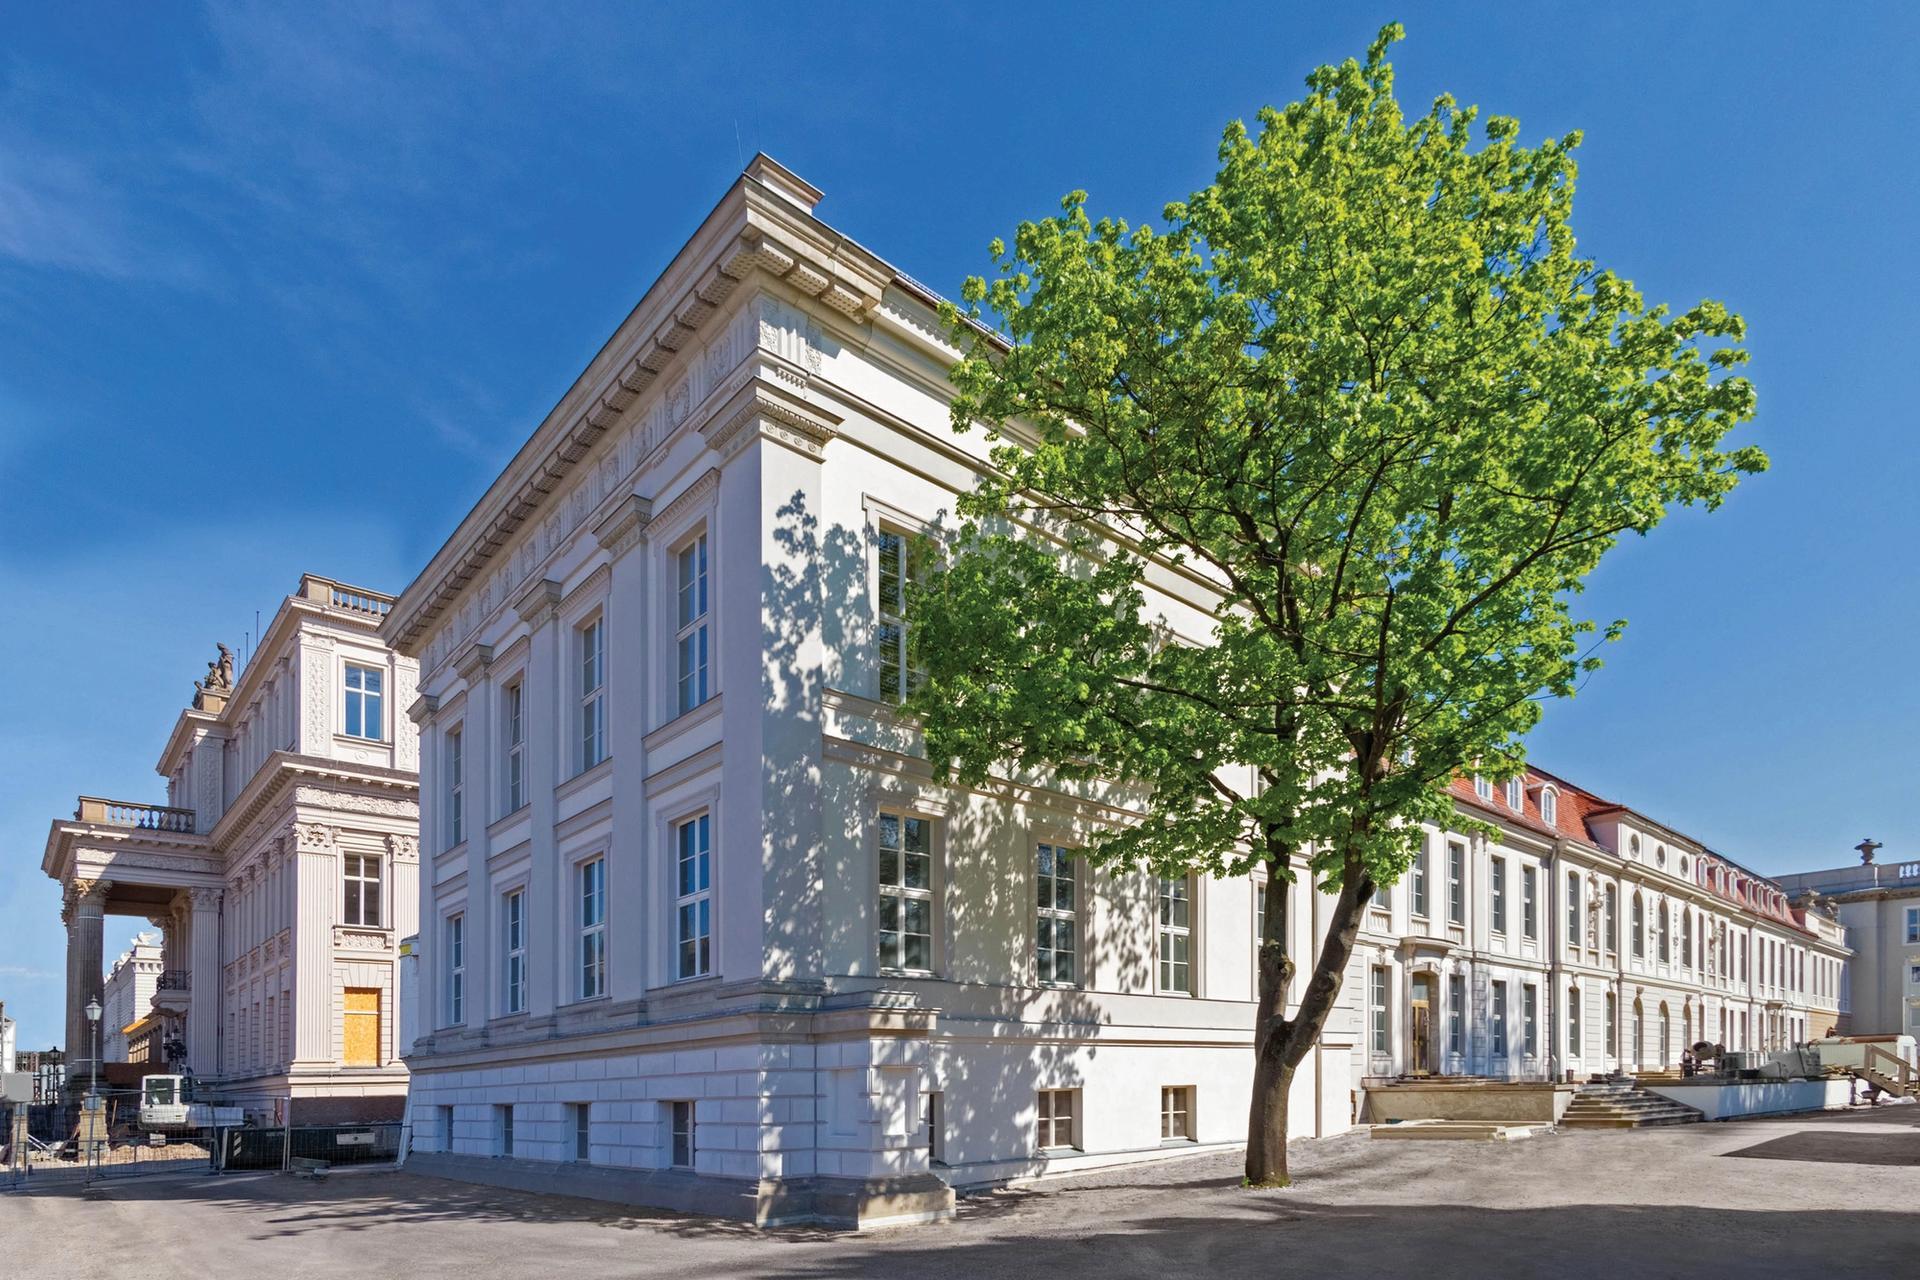 The Prinzessinnen Palais building in Berlin Photo: © Mathias Schormann